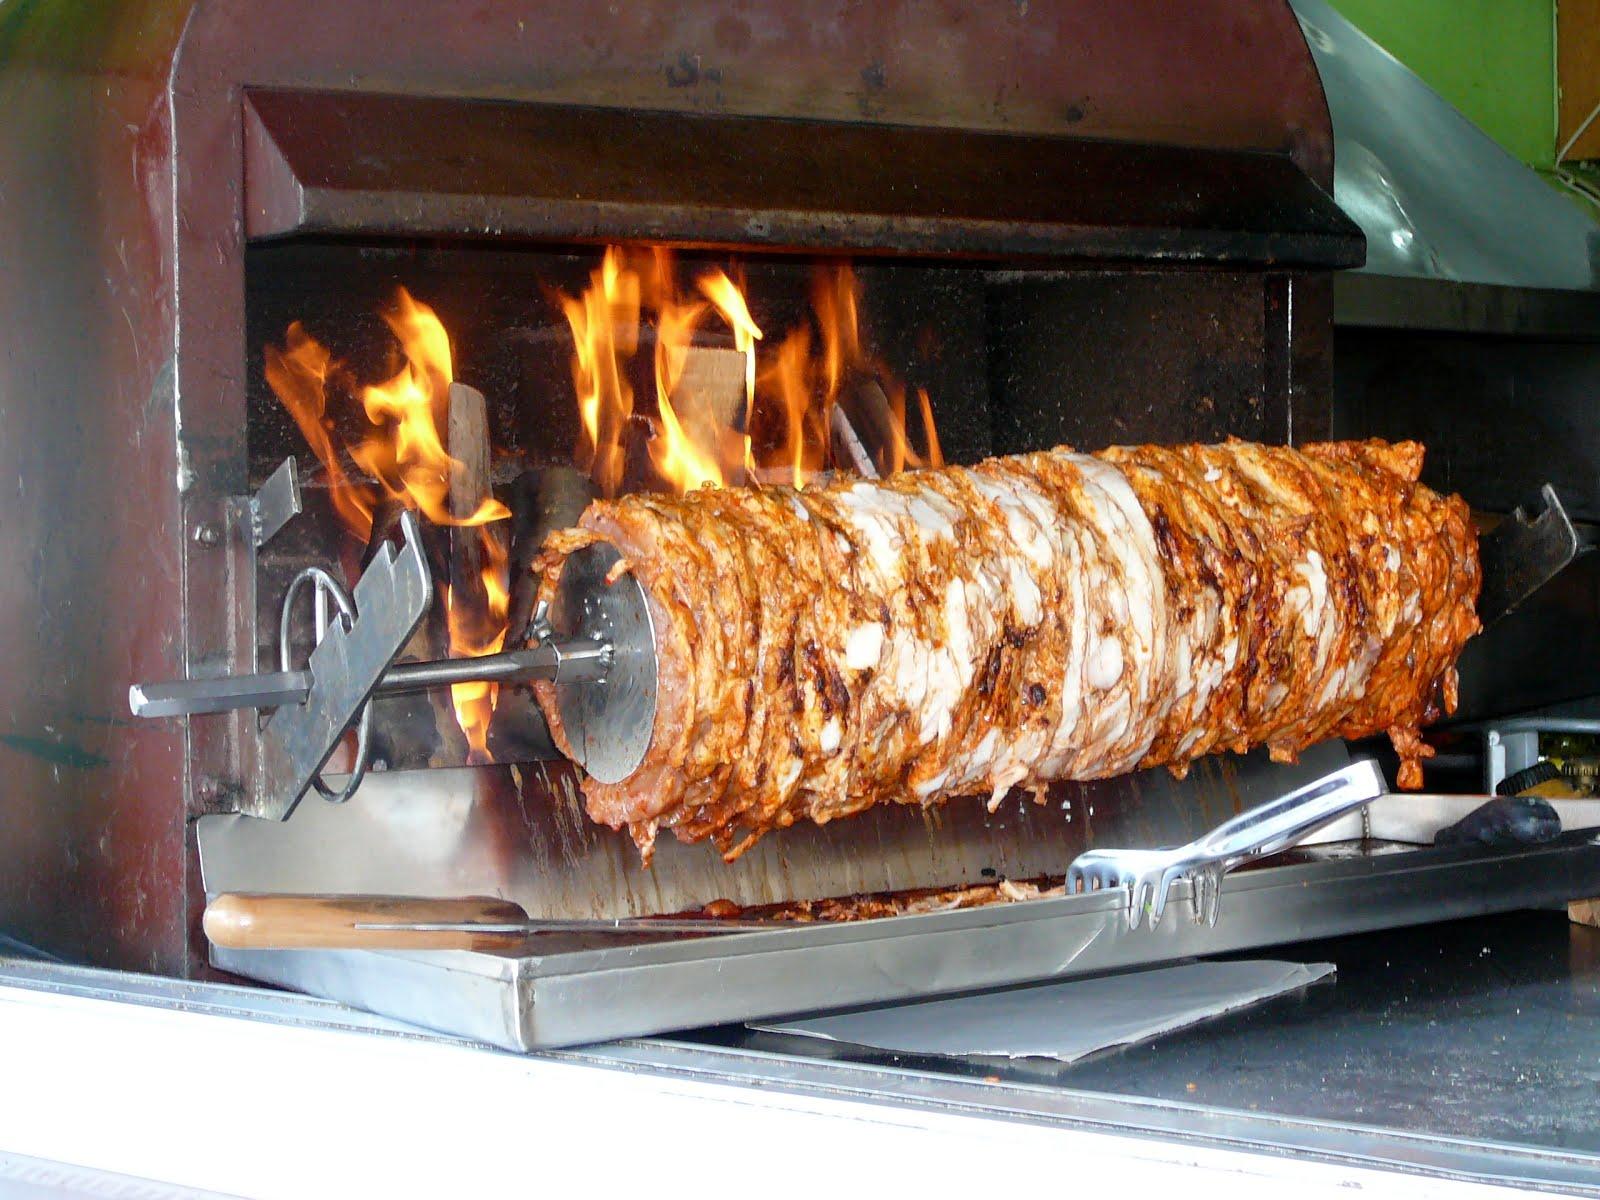 Mes t tes de turc des recettes de la cuisine turque - Ary abittan cuisine turque ...